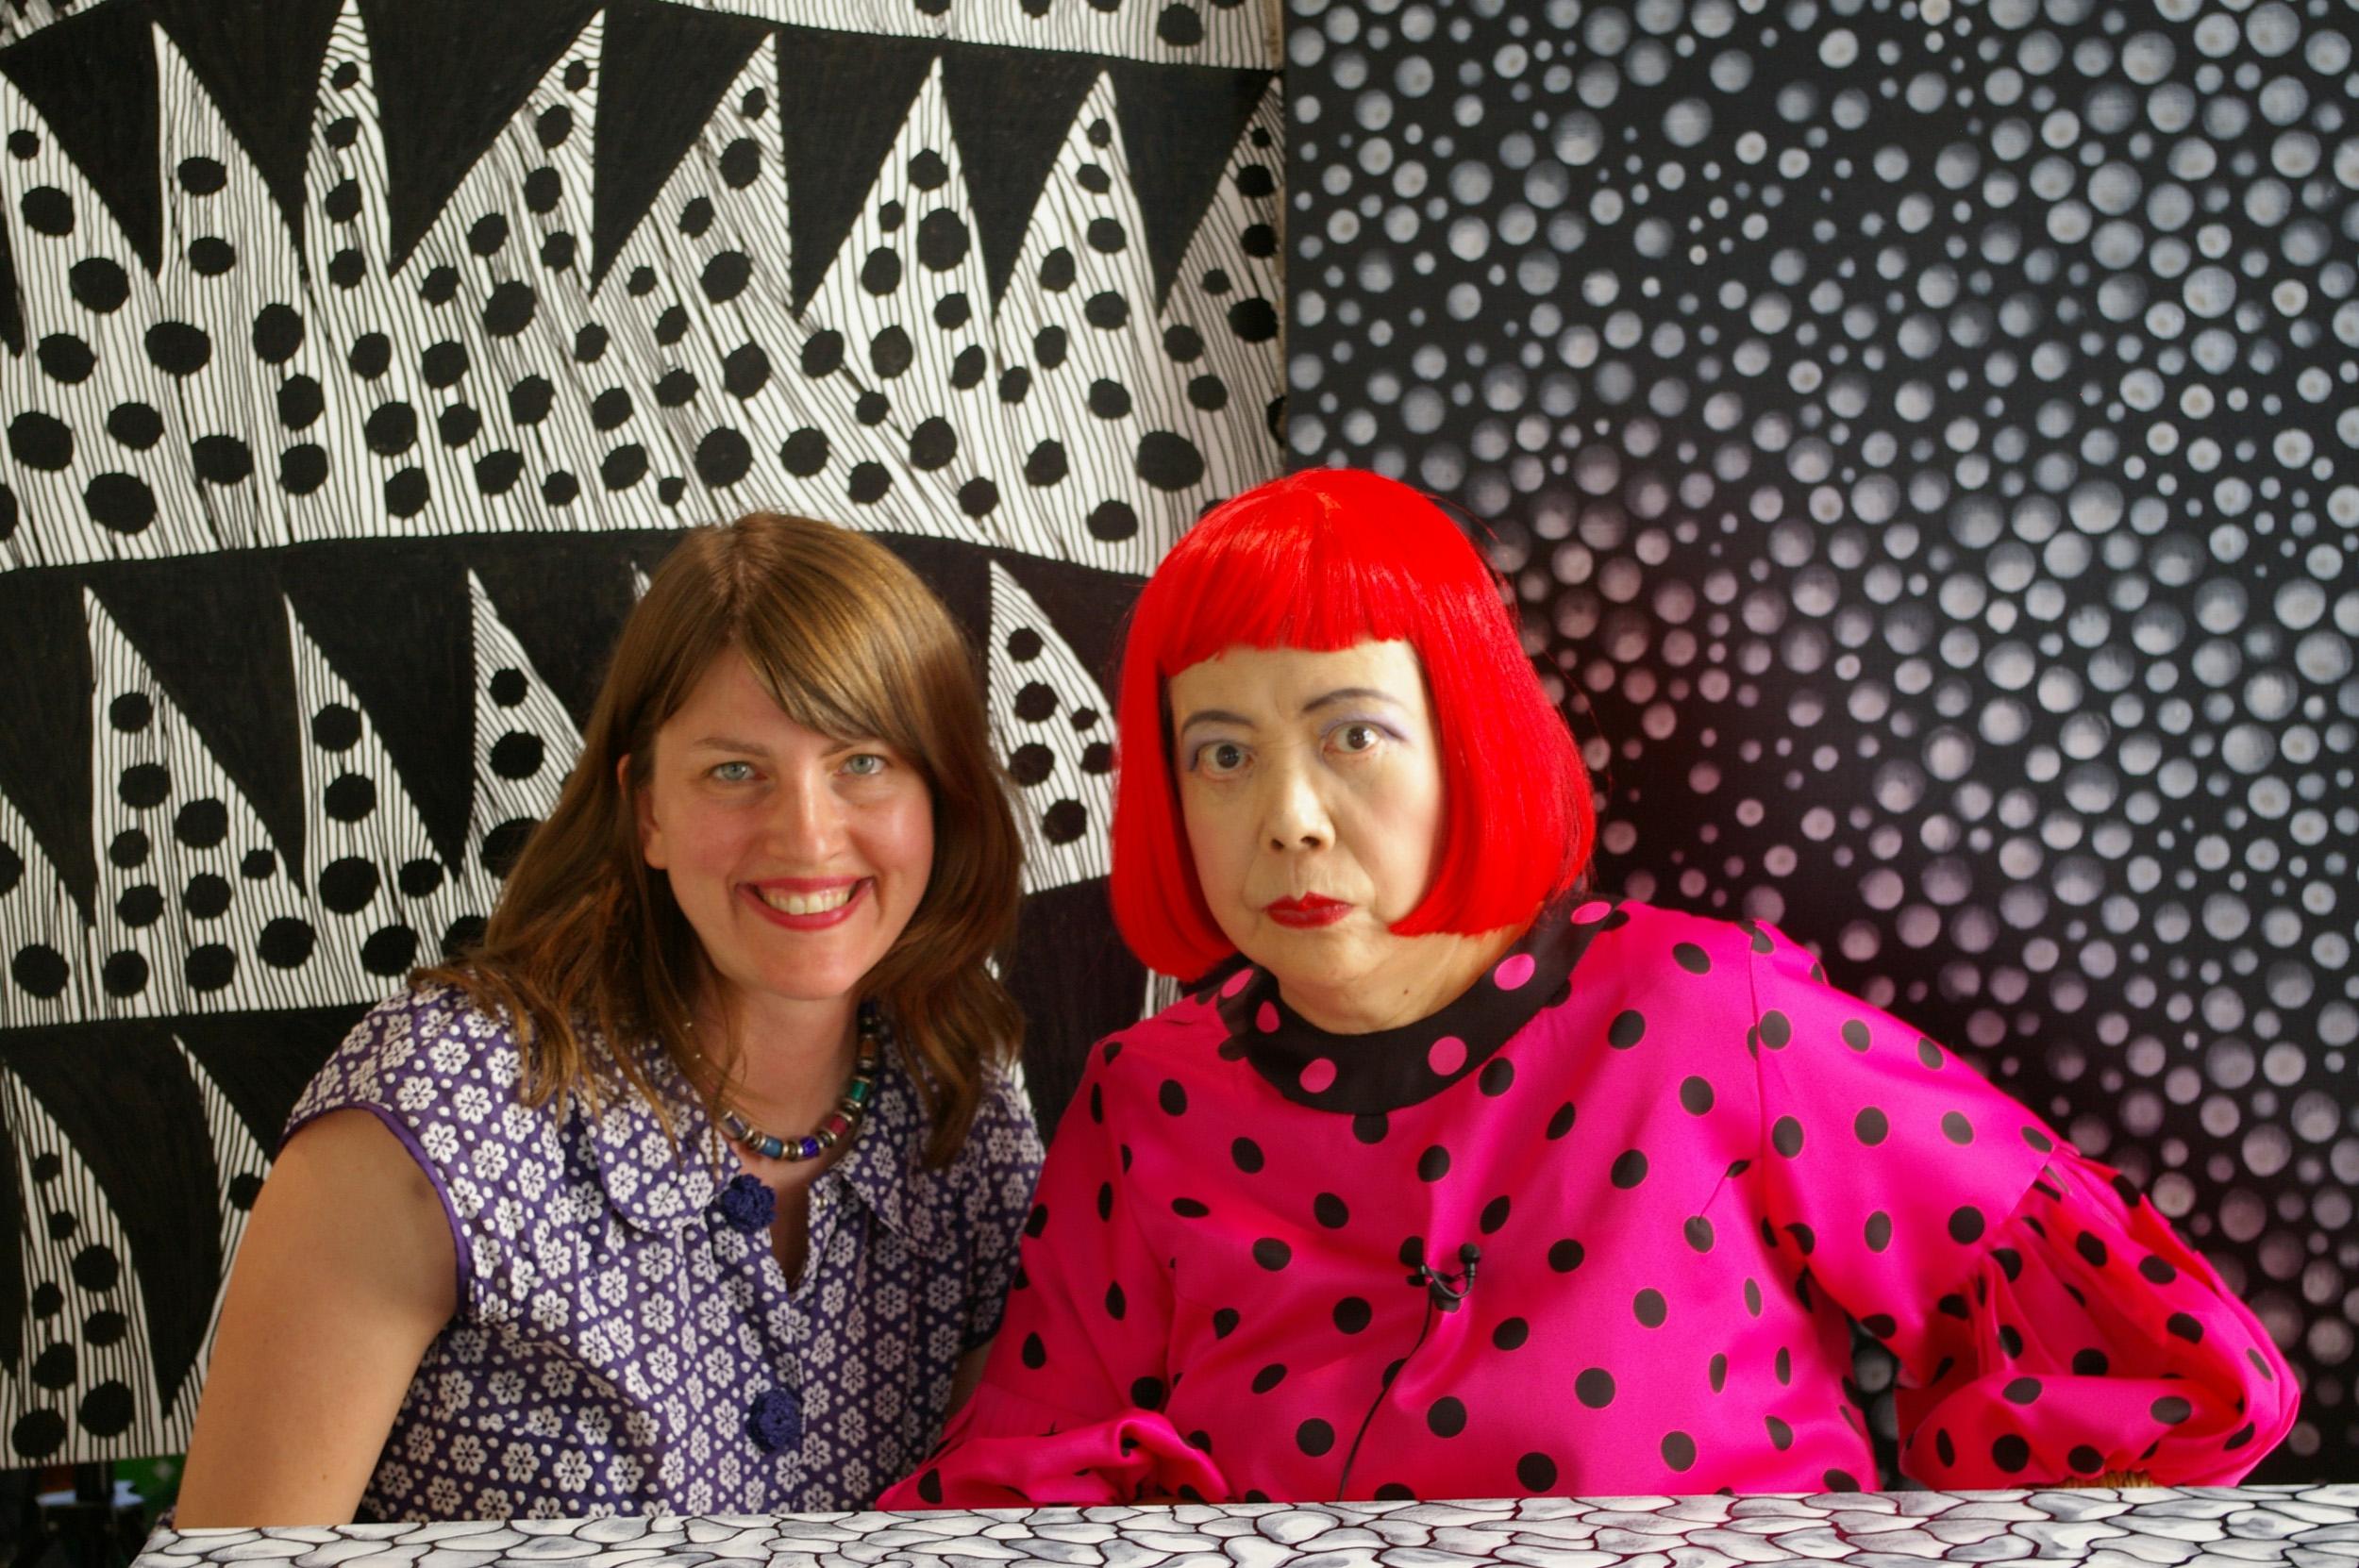 Η ντοκιμαντερίστρια Χίδερ Λεντζ μαζί με την Γιαγιόι Κουσάμα